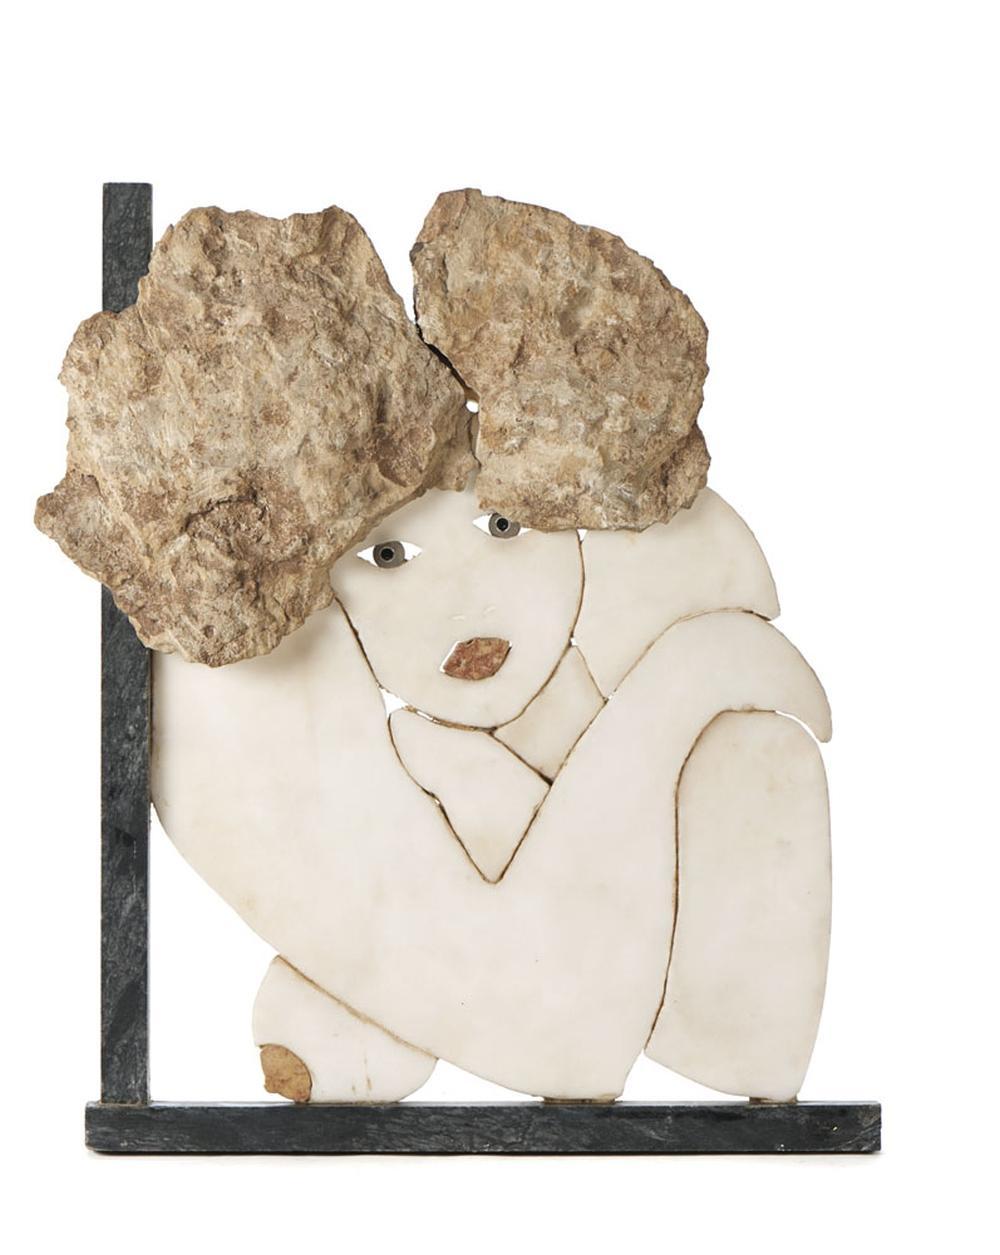 Cutileiro Escultura em mármore, representando bus